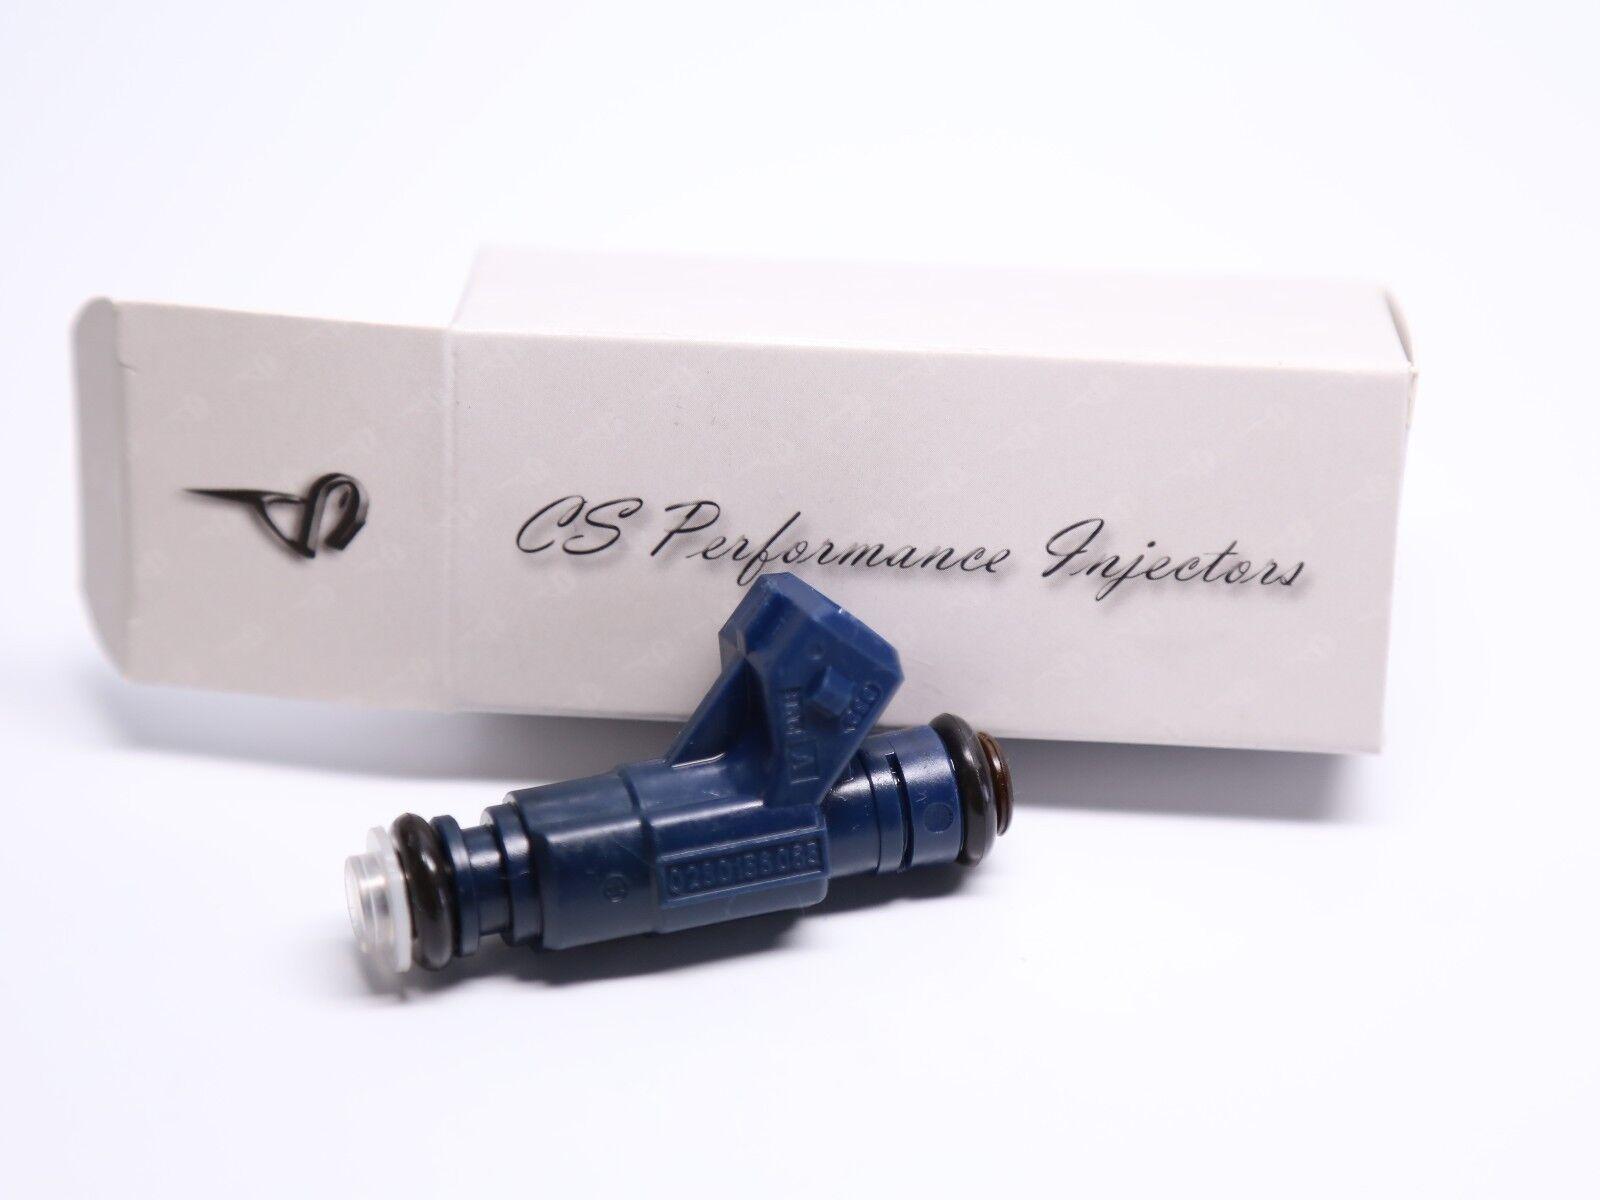 4unit Re//man Fuel Injectors //Audi A4 Quattro1.8L I4 Turbo// OEM Bosch #0280156065